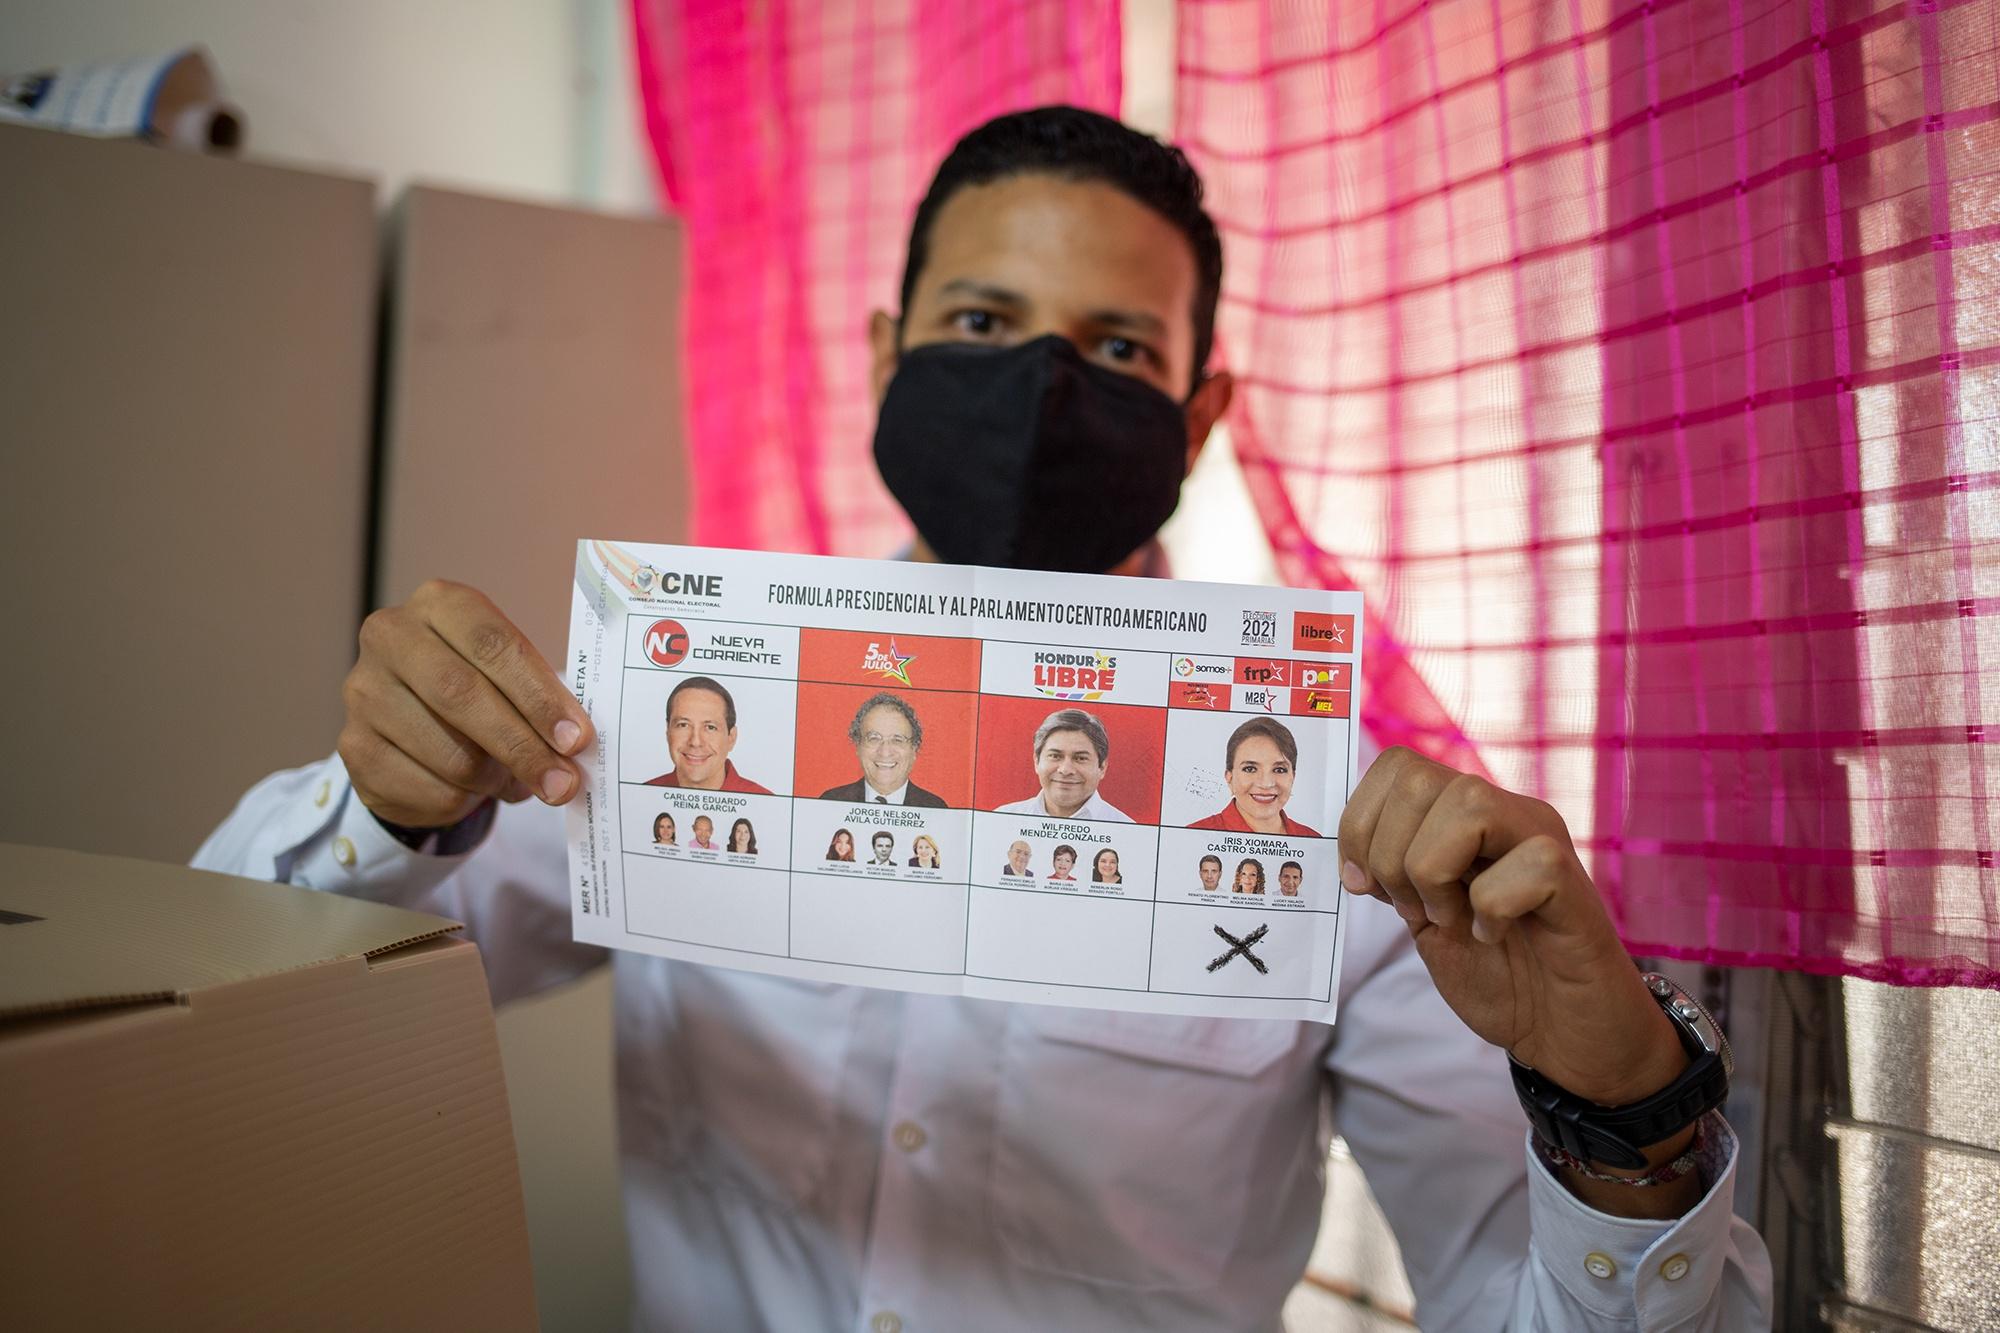 Lucky Medina es precandidato a designado presidencial en fórmula con Xiomara Castro. A sus 31 años, Lucky, se convierte en el aspirante a designado presidencial más joven inscrito en el Consejo Nacional Electoral en estas elecciones. Comayagüela, 14 de marzo de 2021. Foto: Martín Cálix.